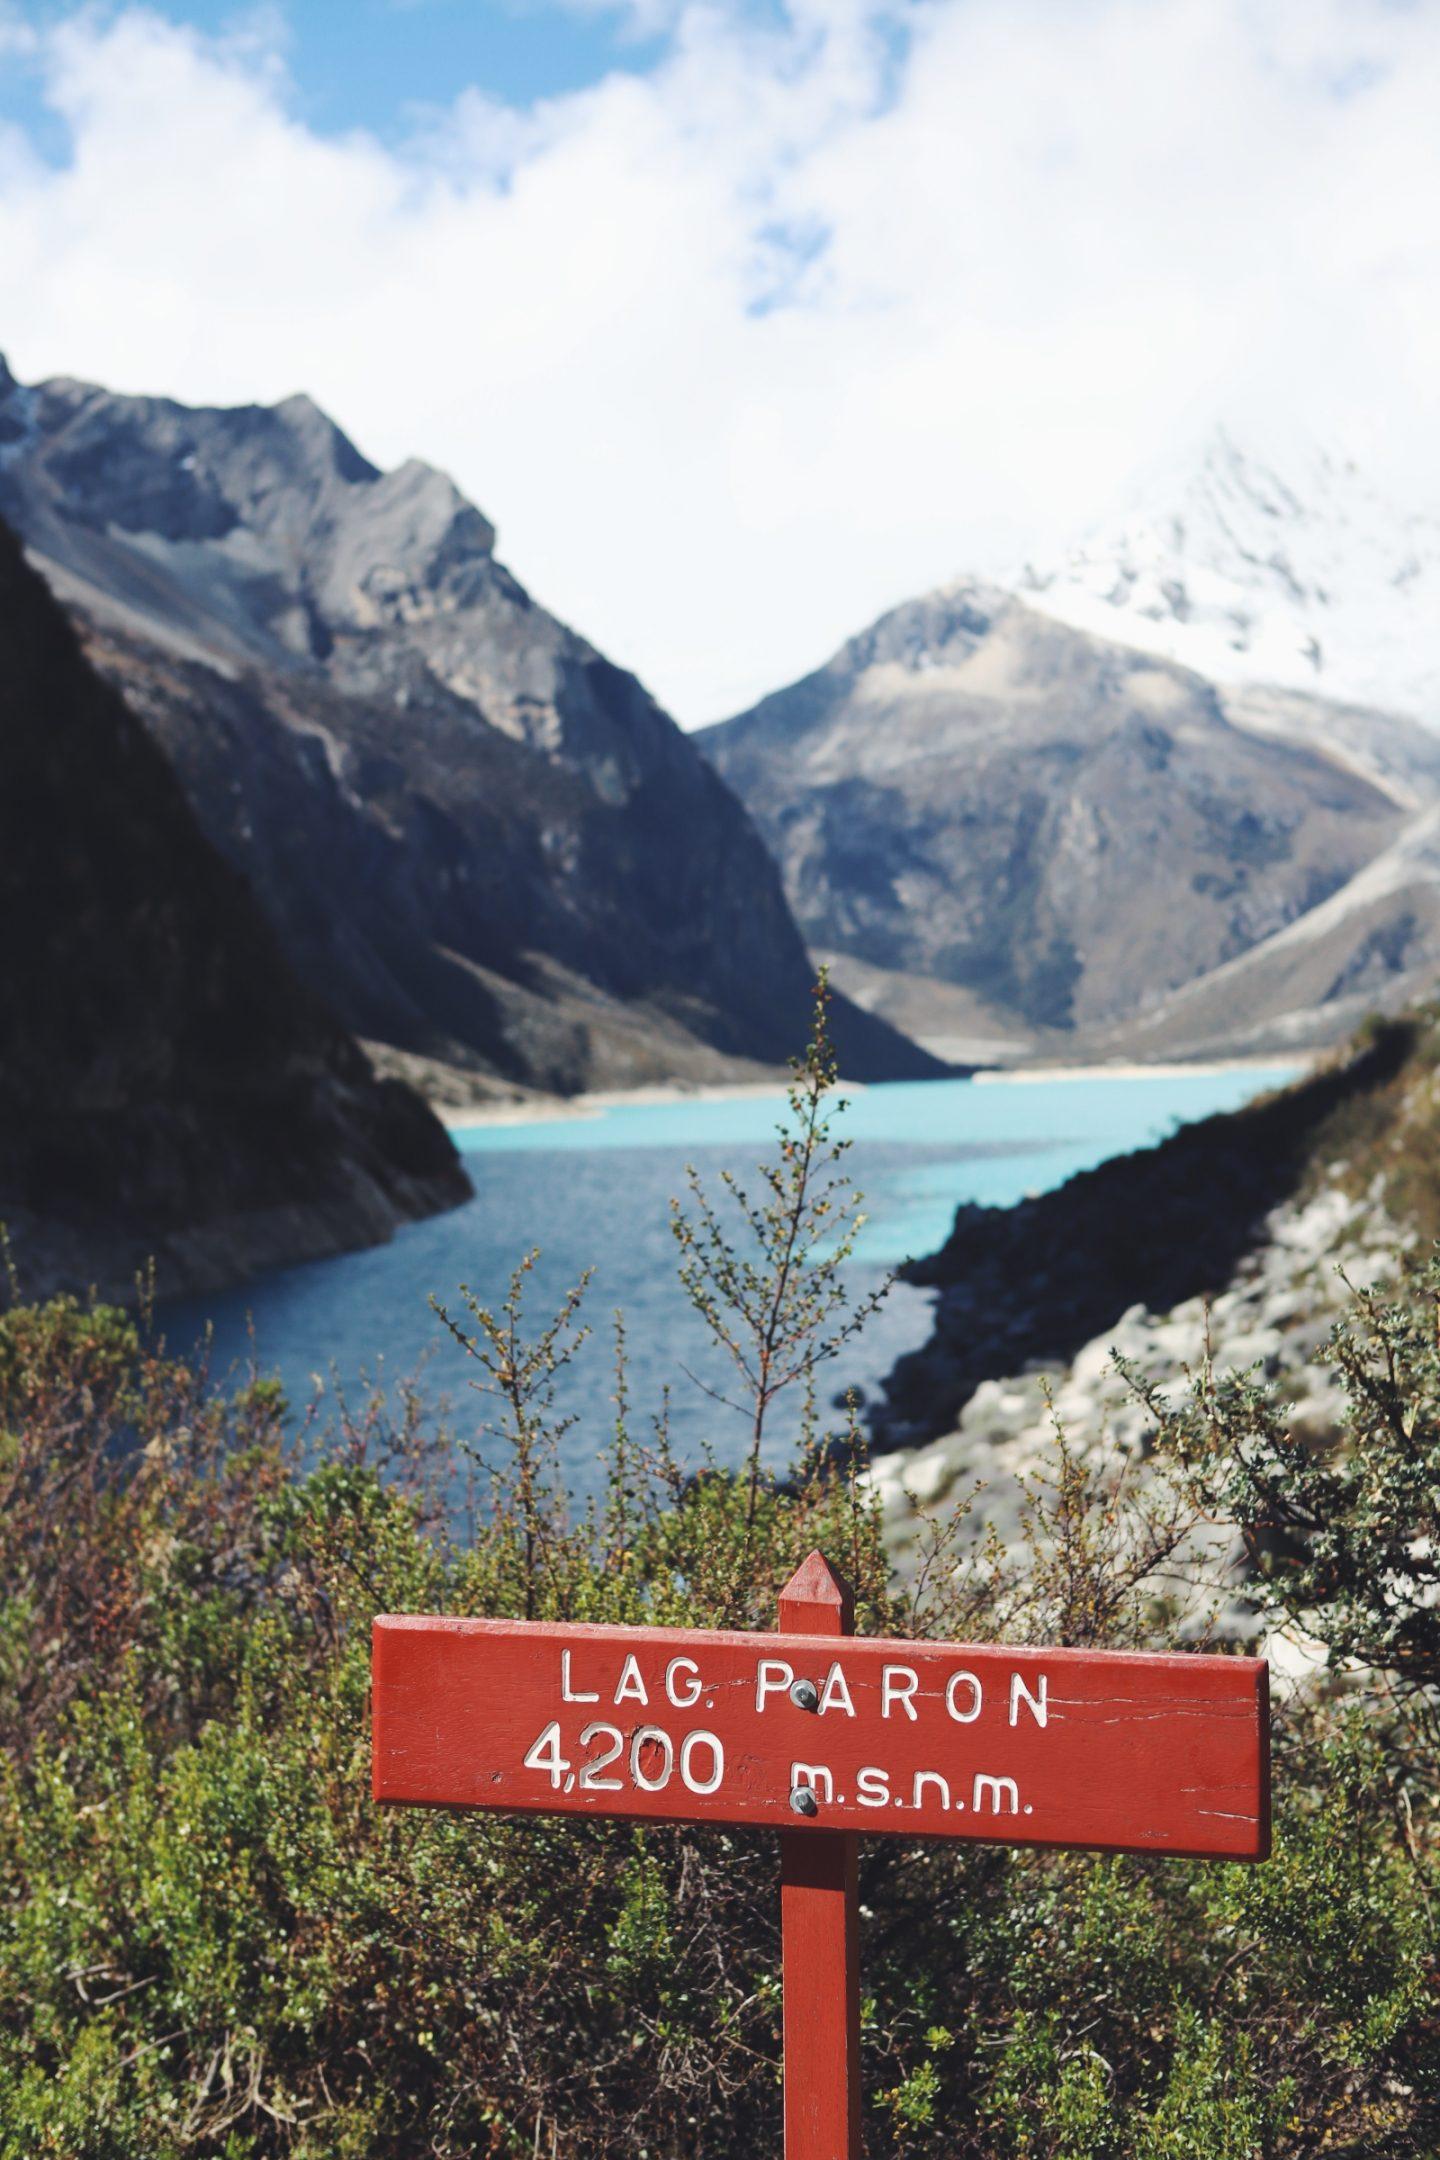 Wandern in Peru - Das sollte in deinen Backpack! - willascherrybomb - yvonne karnath